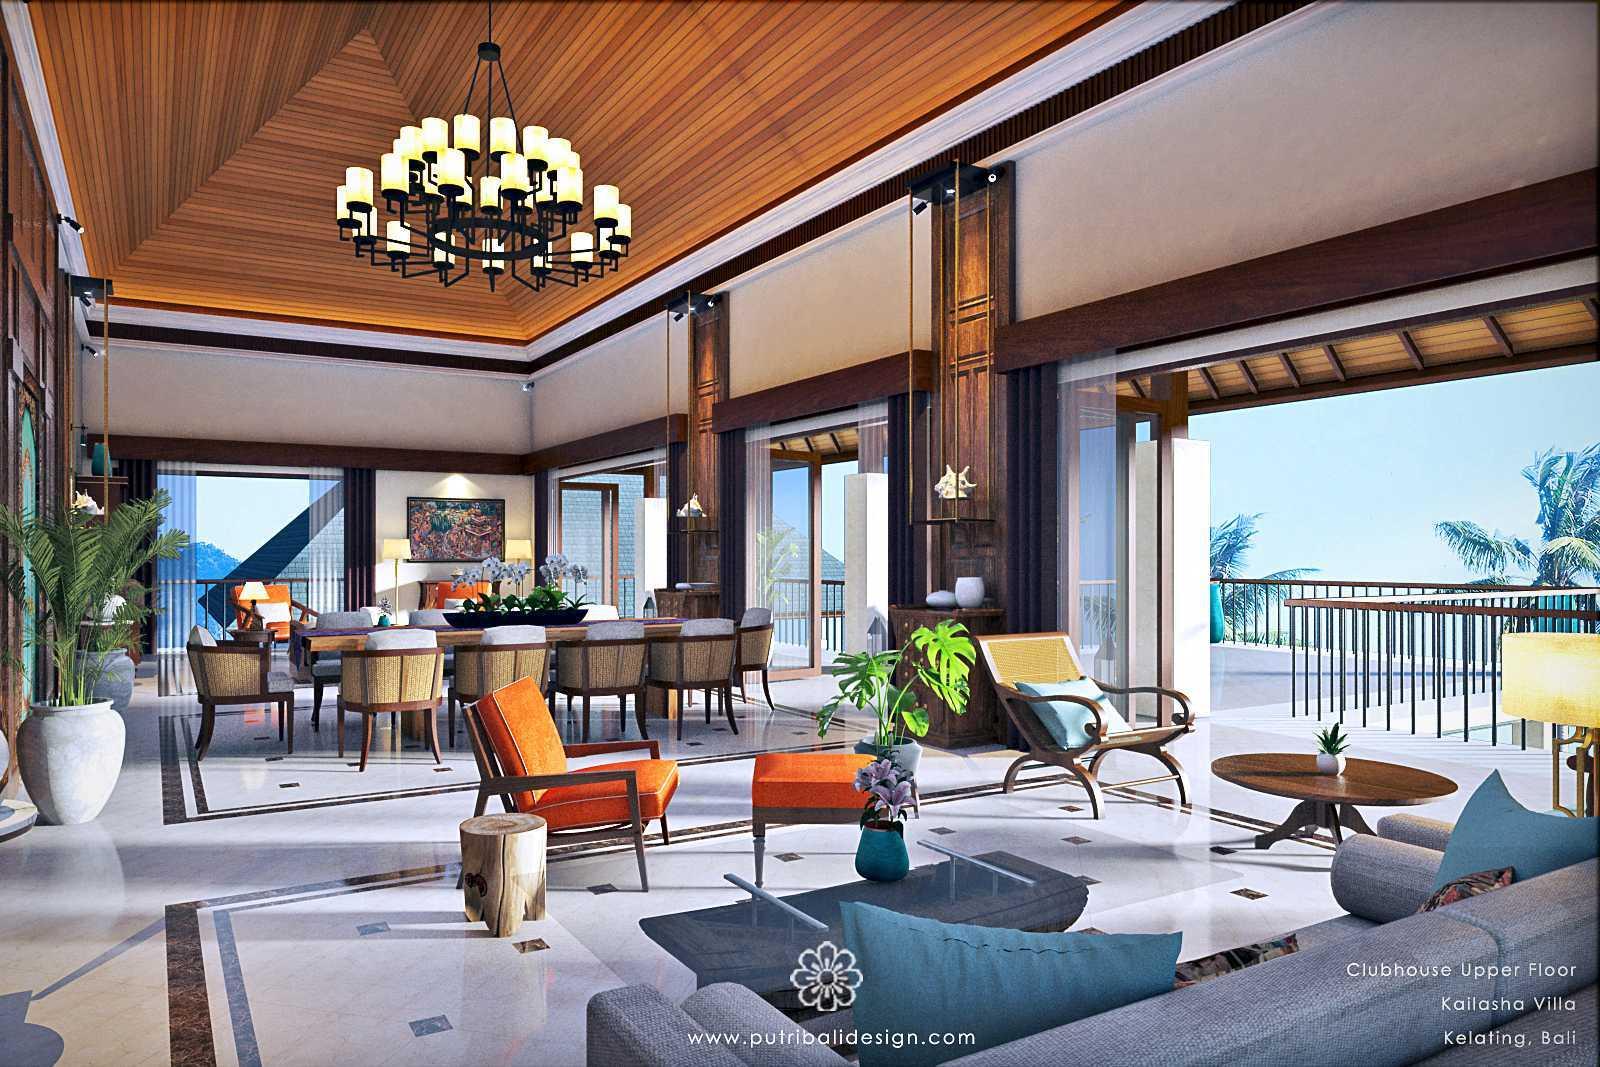 Putri Bali Design Kailasha Villa Kabupaten Tabanan, Bali, Indonesia Kabupaten Tabanan, Bali, Indonesia Putri-Bali-Design-Kailasha-Villa  86466